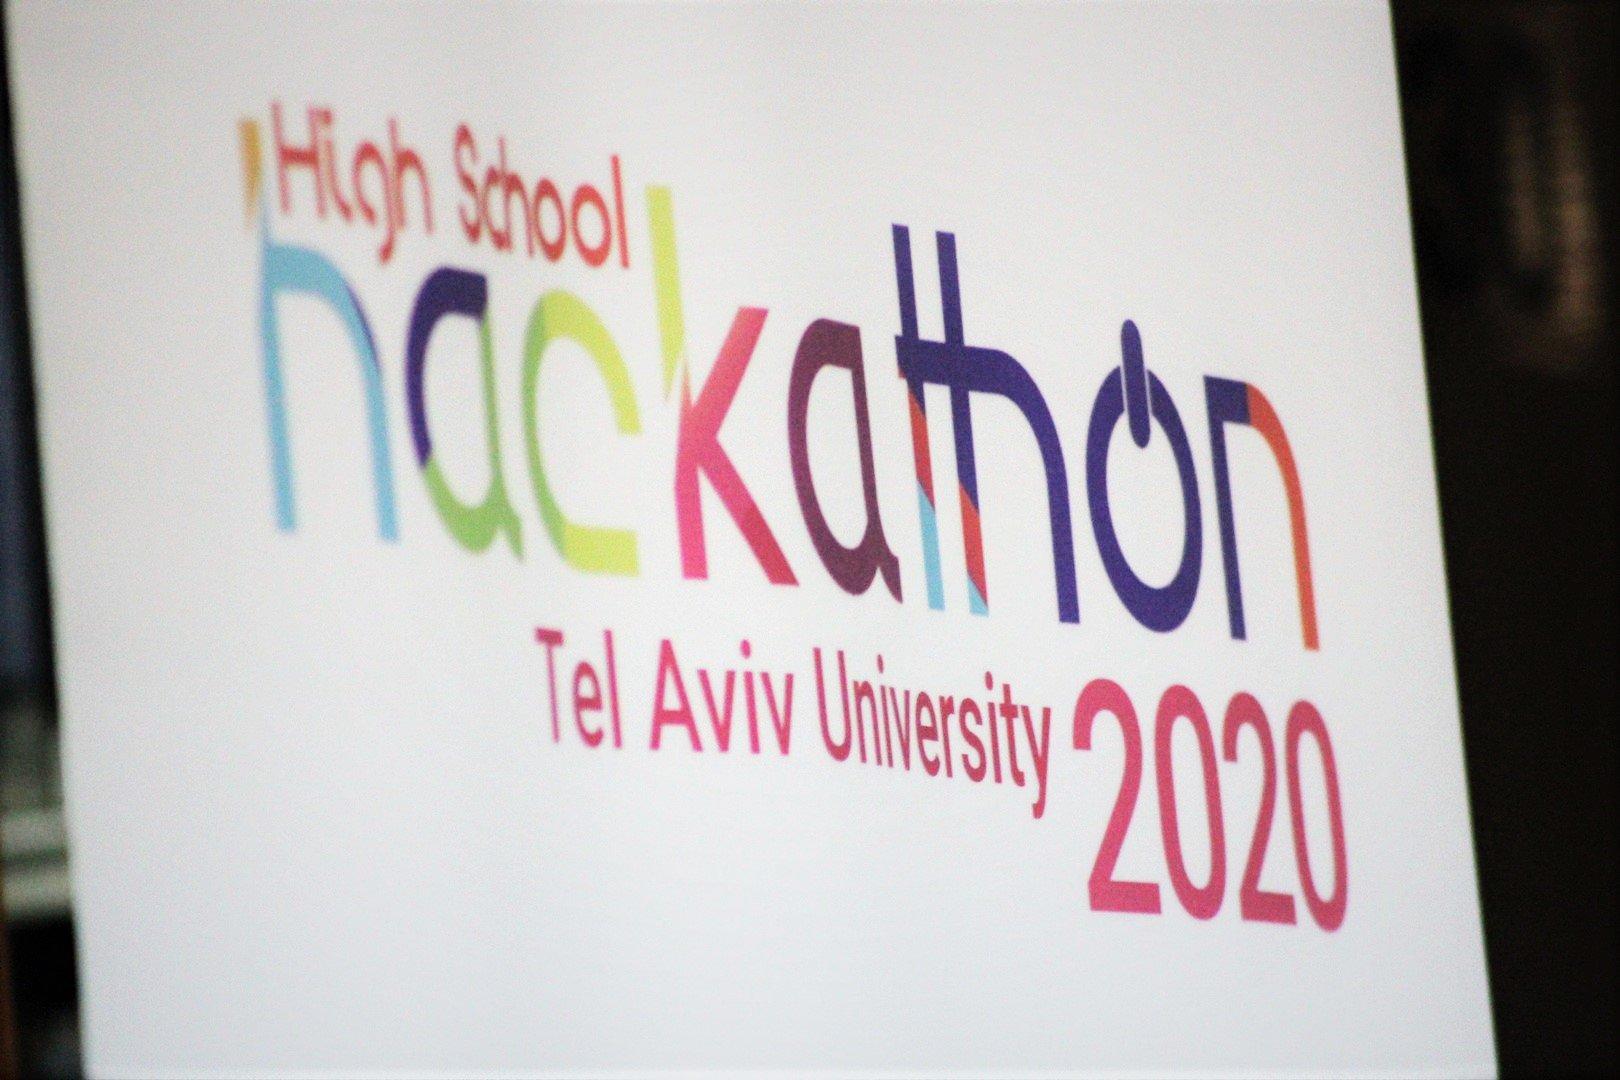 هاكاثون تسوفن الخامس في جامعة تل ابيب